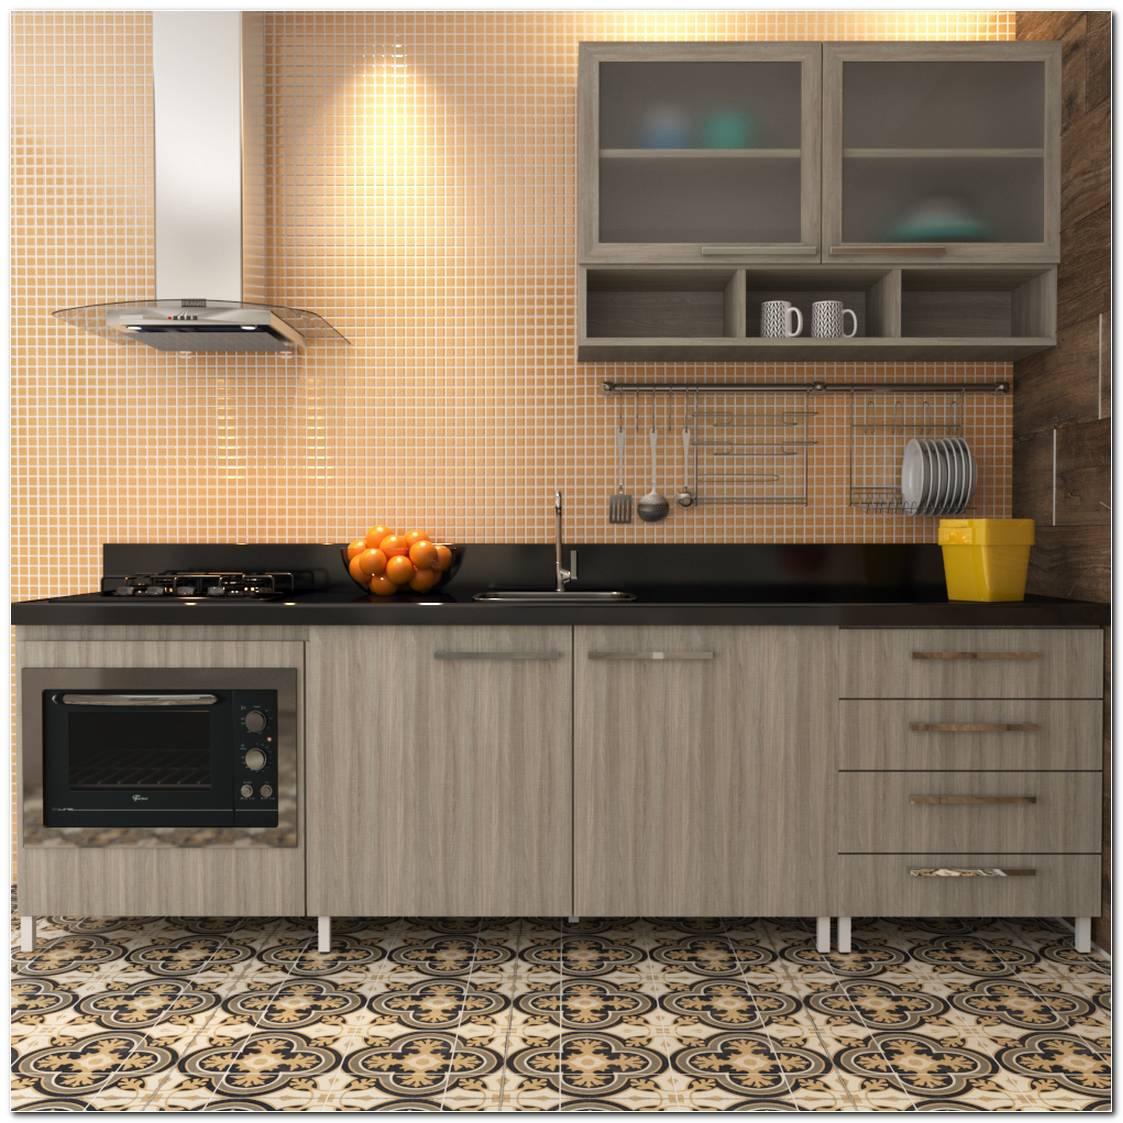 Pastilha De Cozinha